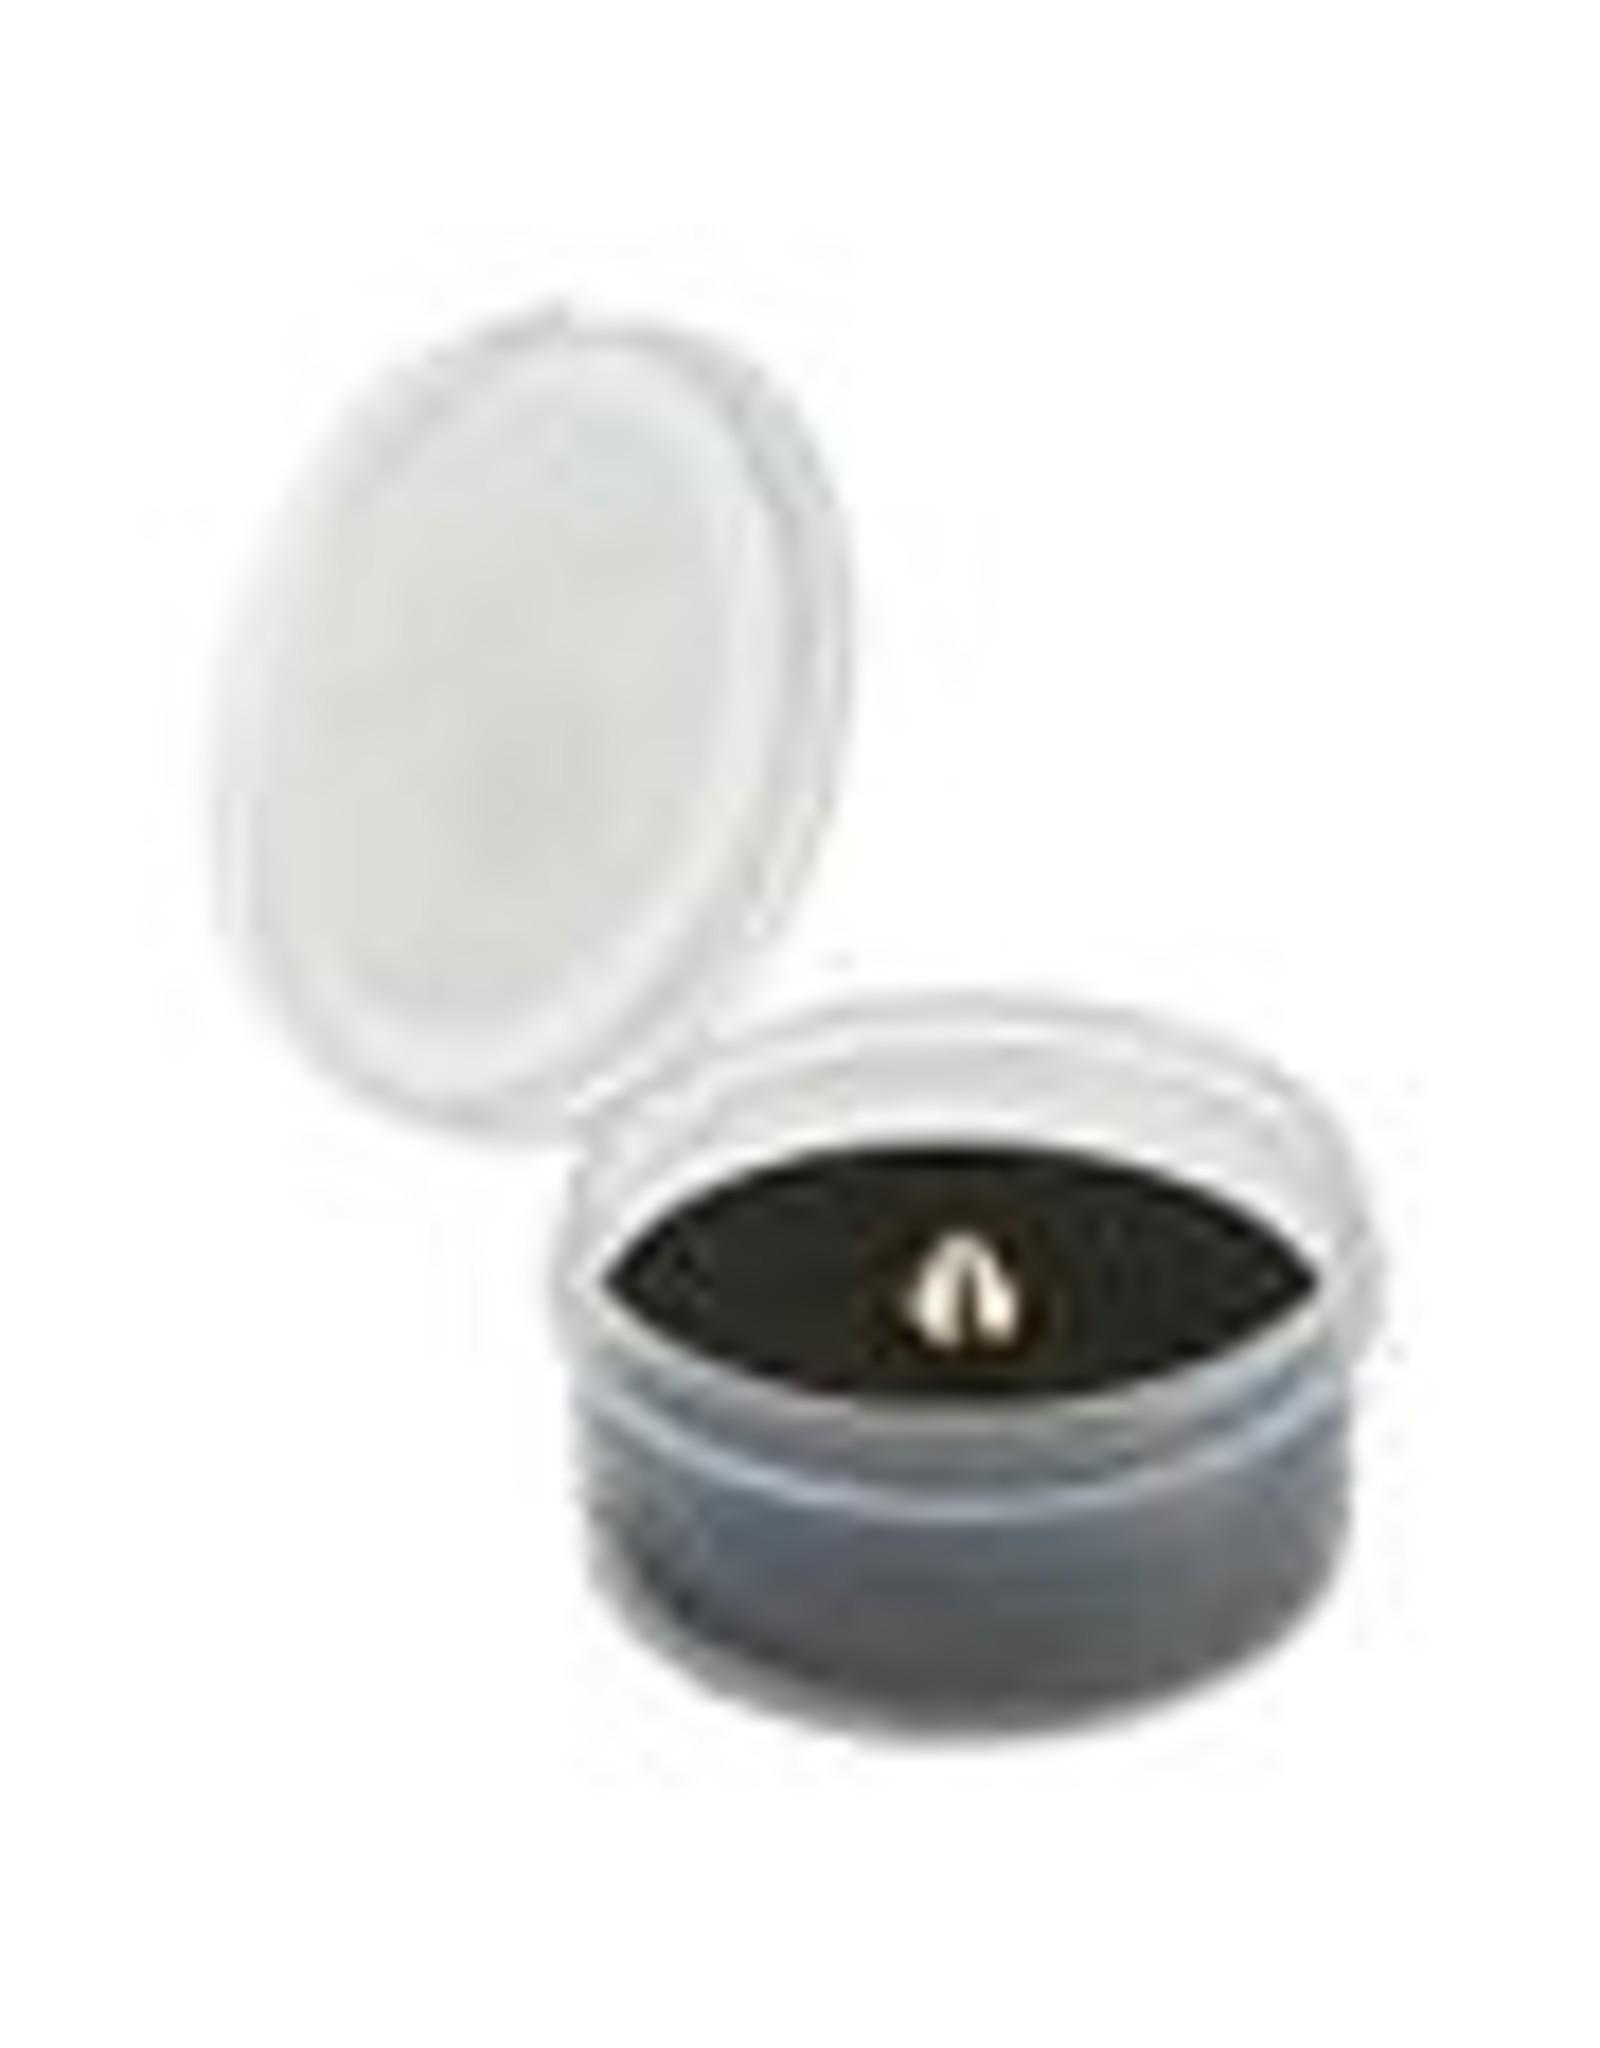 Prima PrimaCreator Brass Nozzle for Zortrax  M200/M300 - 0,4 mm - 1 pcs